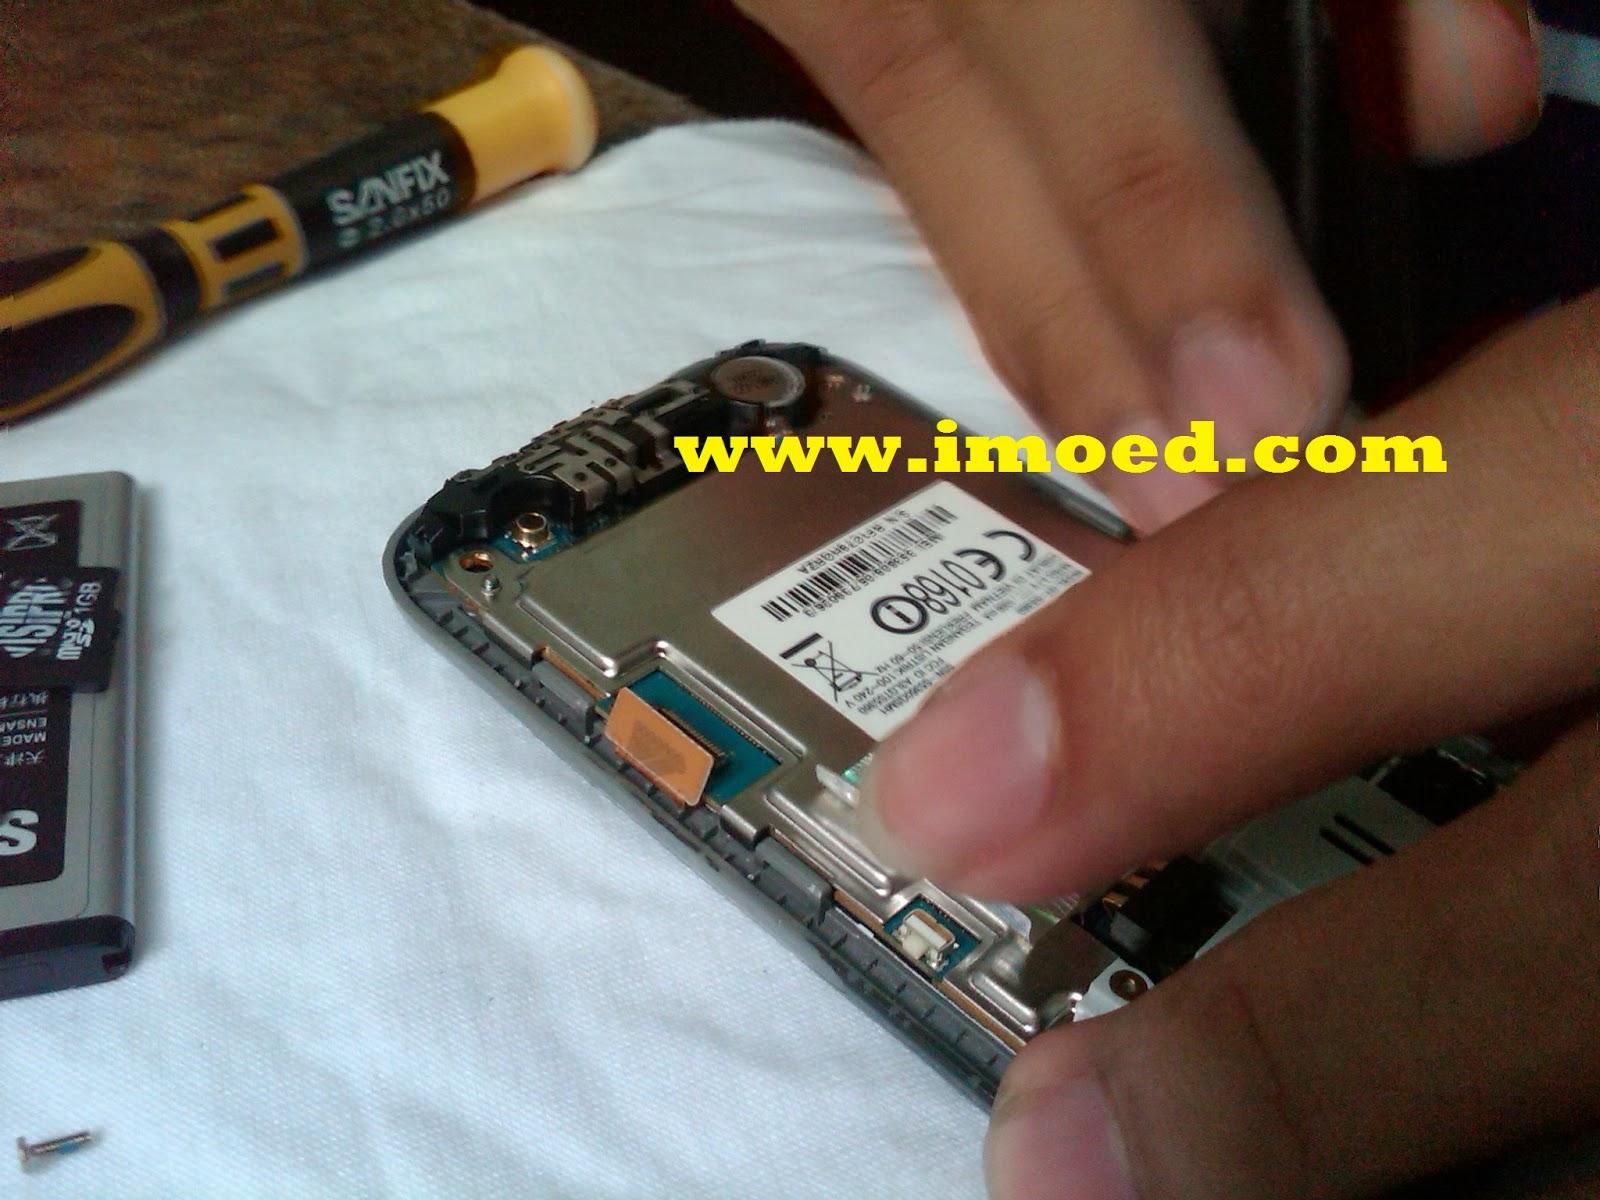 angkat rangkaian PCB untuk memisahkan PCB dengan casing bagian depan